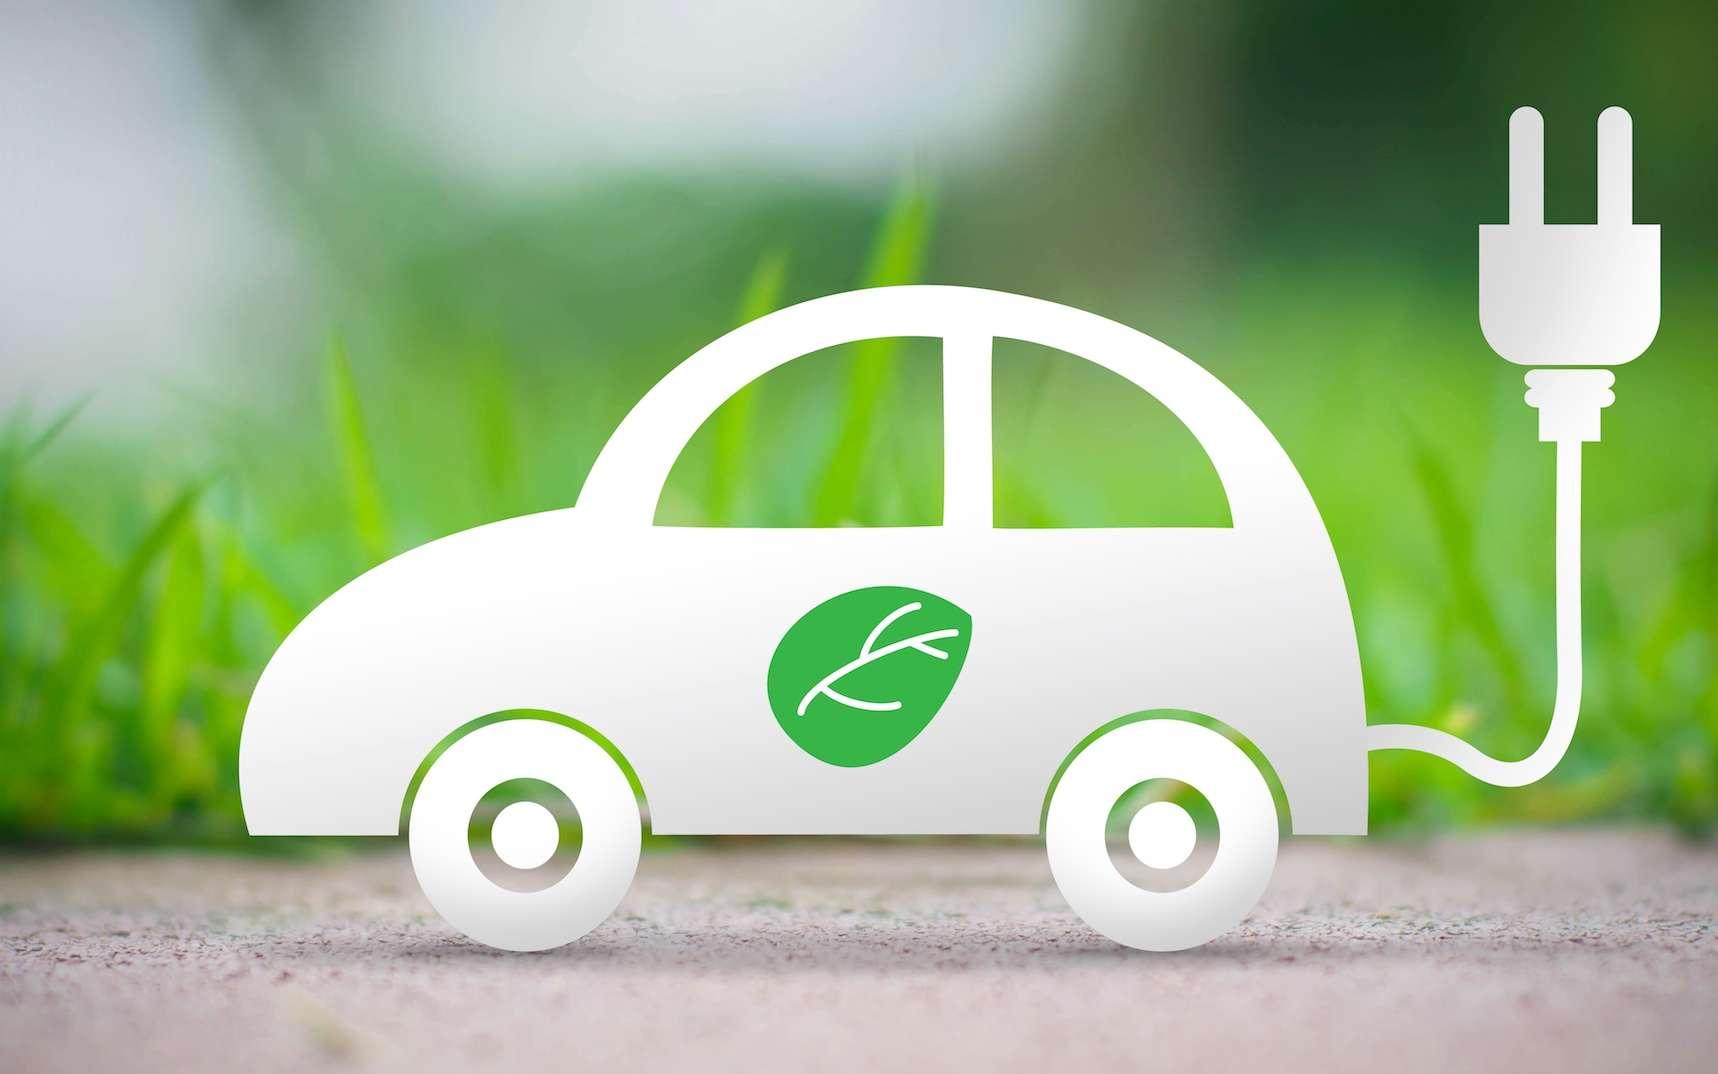 Opter pour un modèle électrique quand on a un ancien diesel qu'on souhaite vendre peut s'avérer avantageux. © baitoey, fotolia